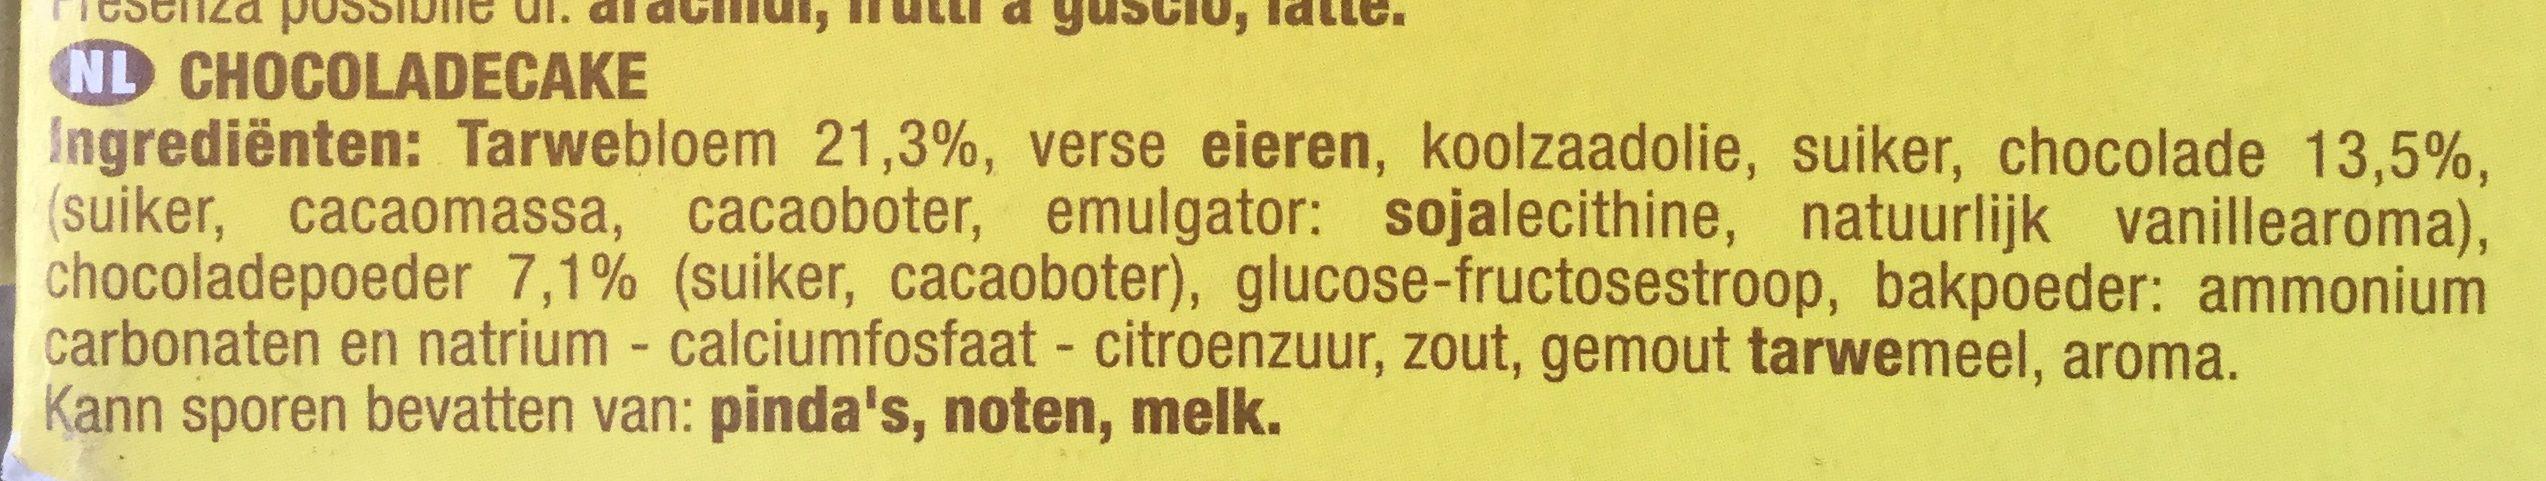 Savane Tout Choco - Ingrediënten